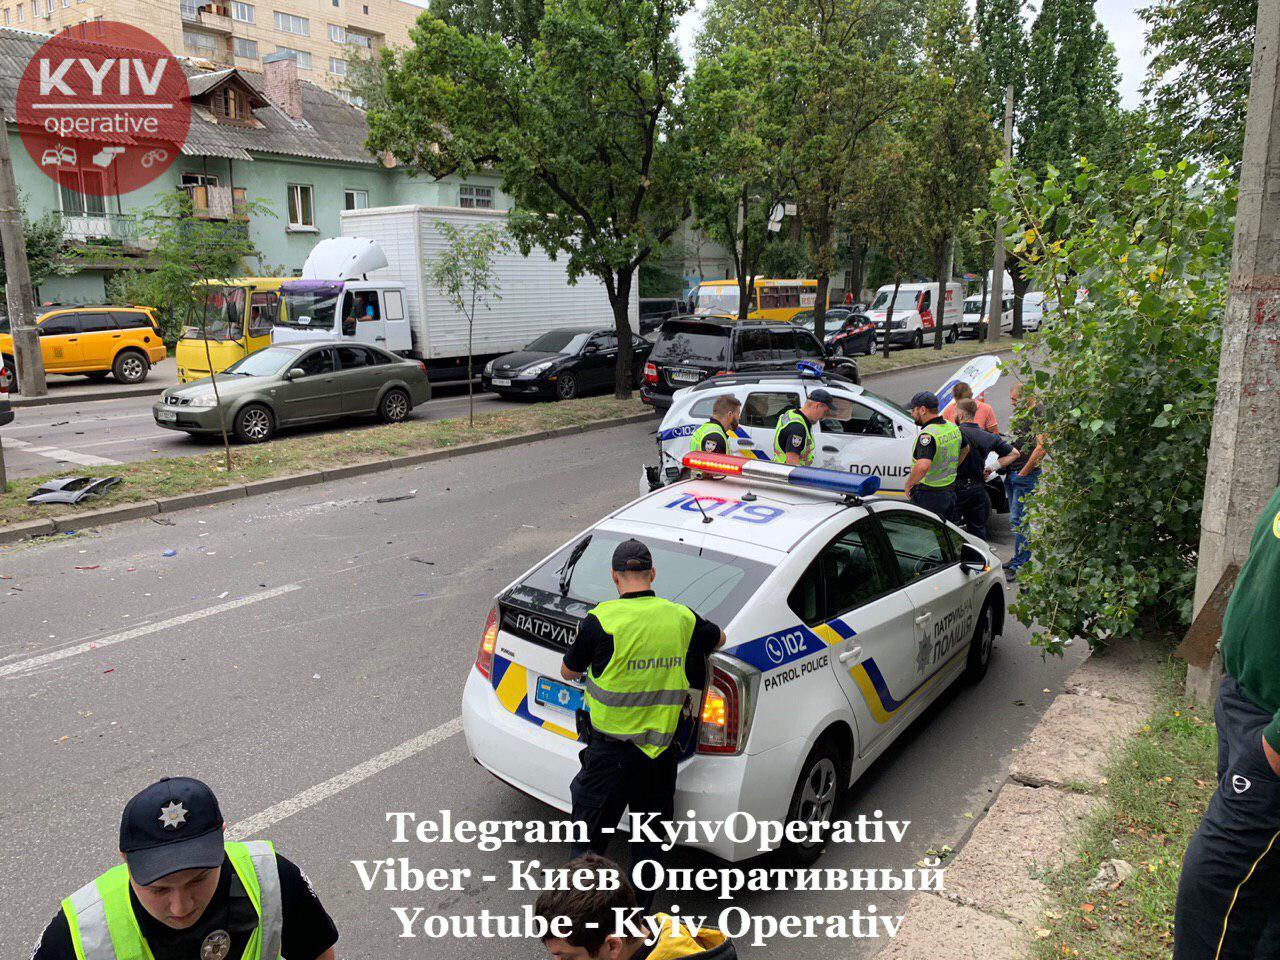 ДТП в Киеве: женщина на Audi опрокинула полицейский автомобиль. Фото: Киев Оперативный